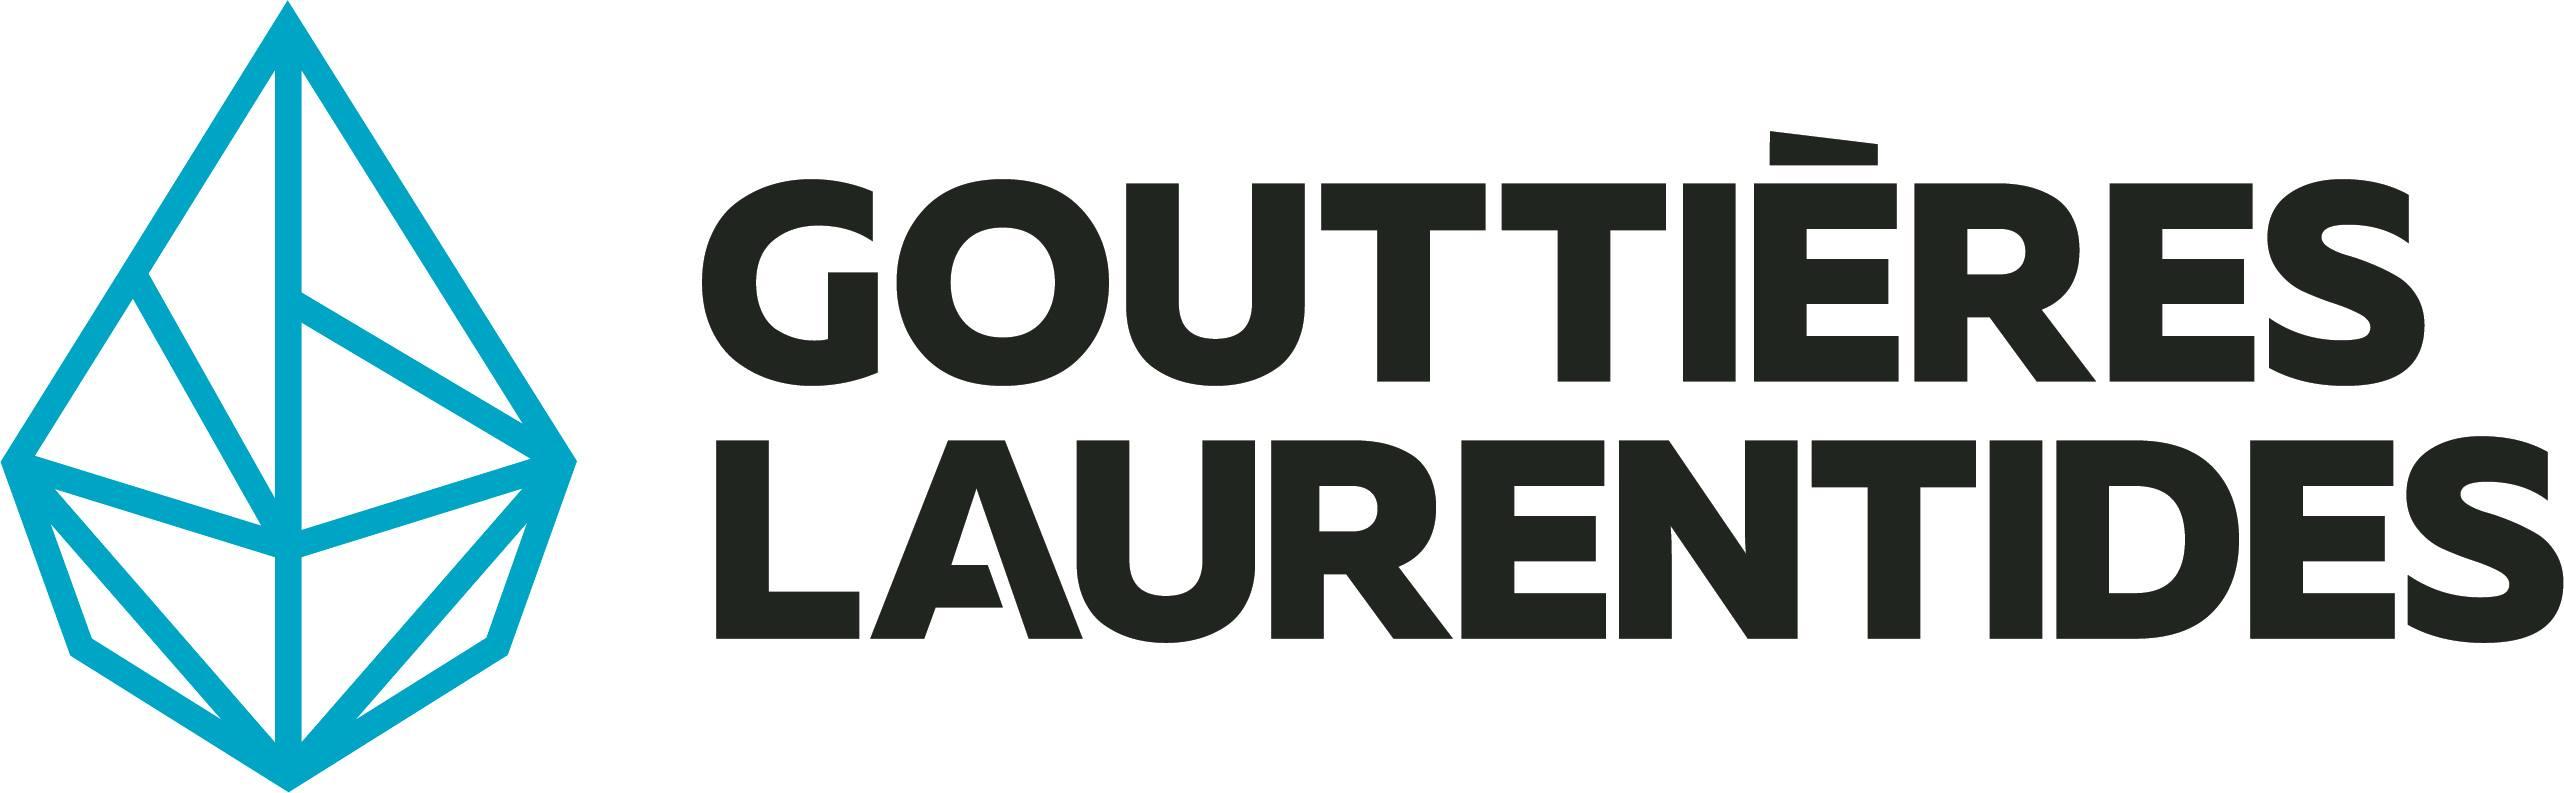 Gouttières Laurentides